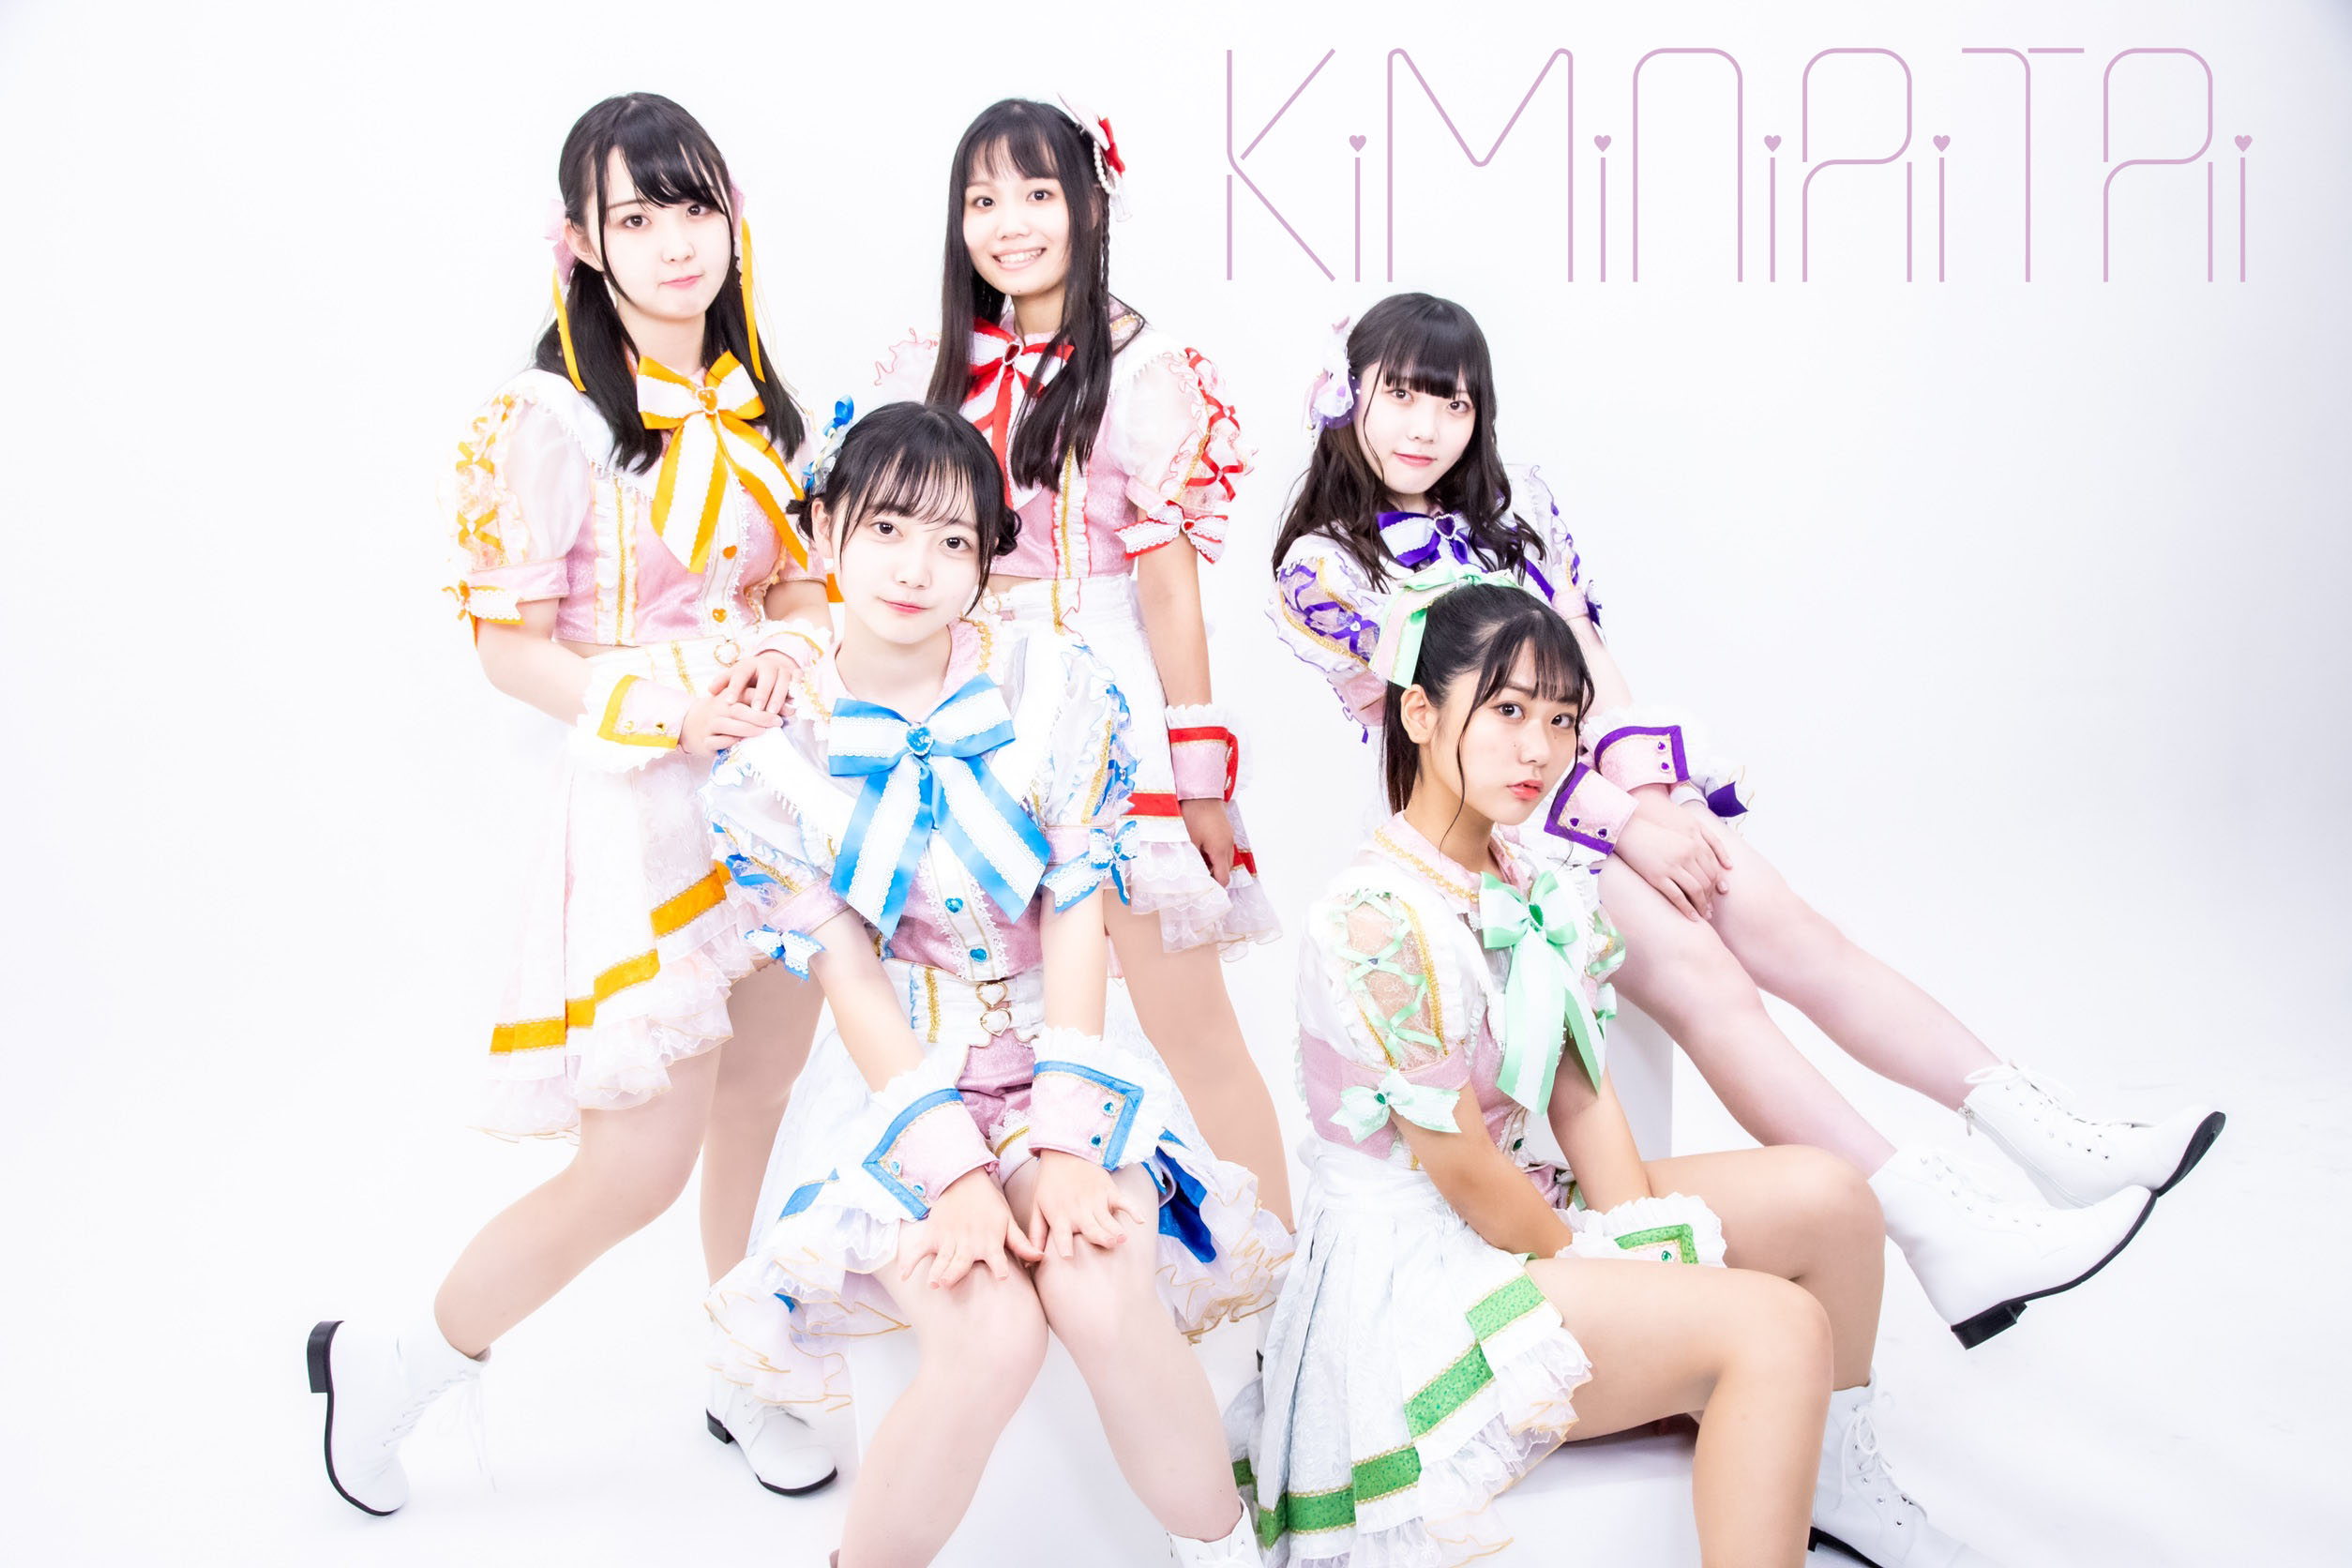 オーディション [関西]正統派アイドル「KiMiNiAiTAi」メンバー募集 キラキラ可愛い楽曲・衣装・パフォーマンスで世の中を明るく照らすアイドル 主催:ソウルエッジプロモーション、カテゴリ:アイドル(東京以外)